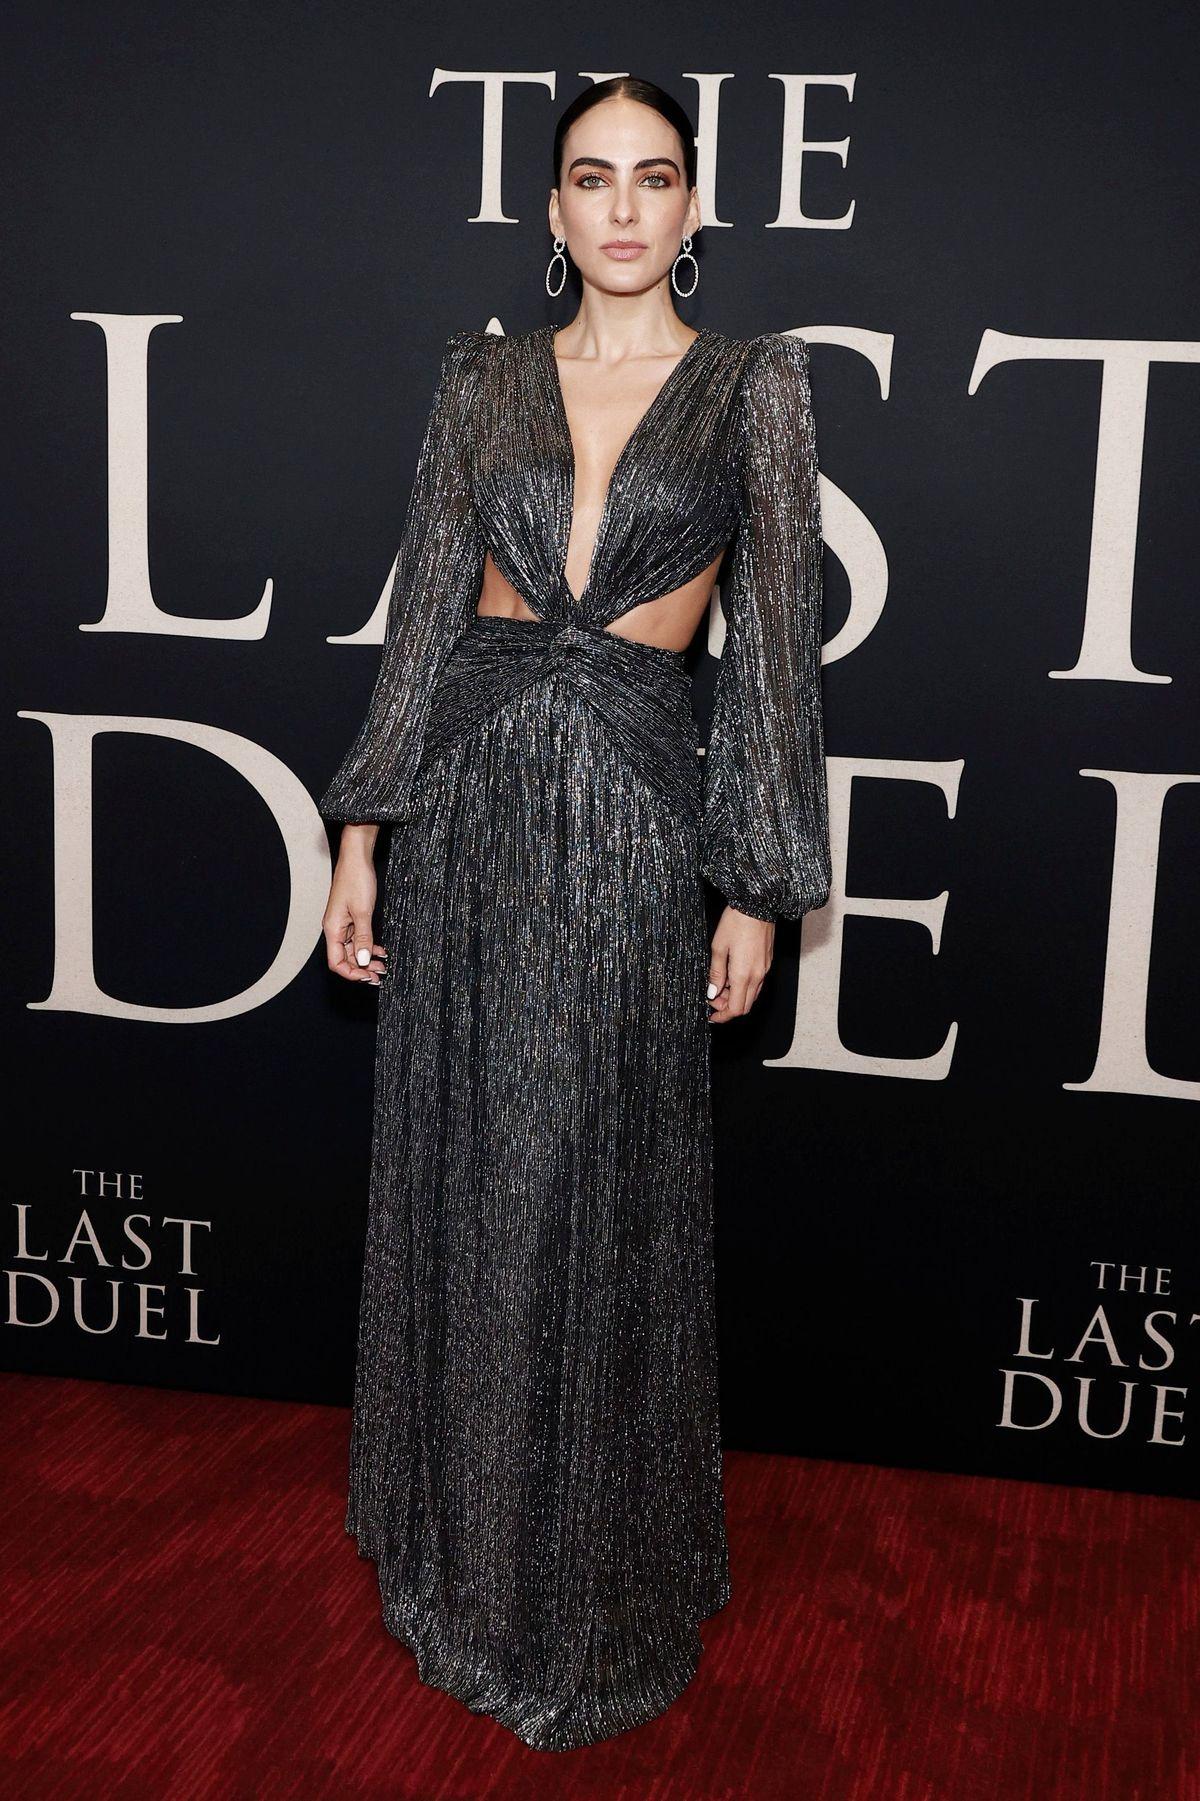 Даниэла Ботеро на премьере фильма «Последняя дуэль»